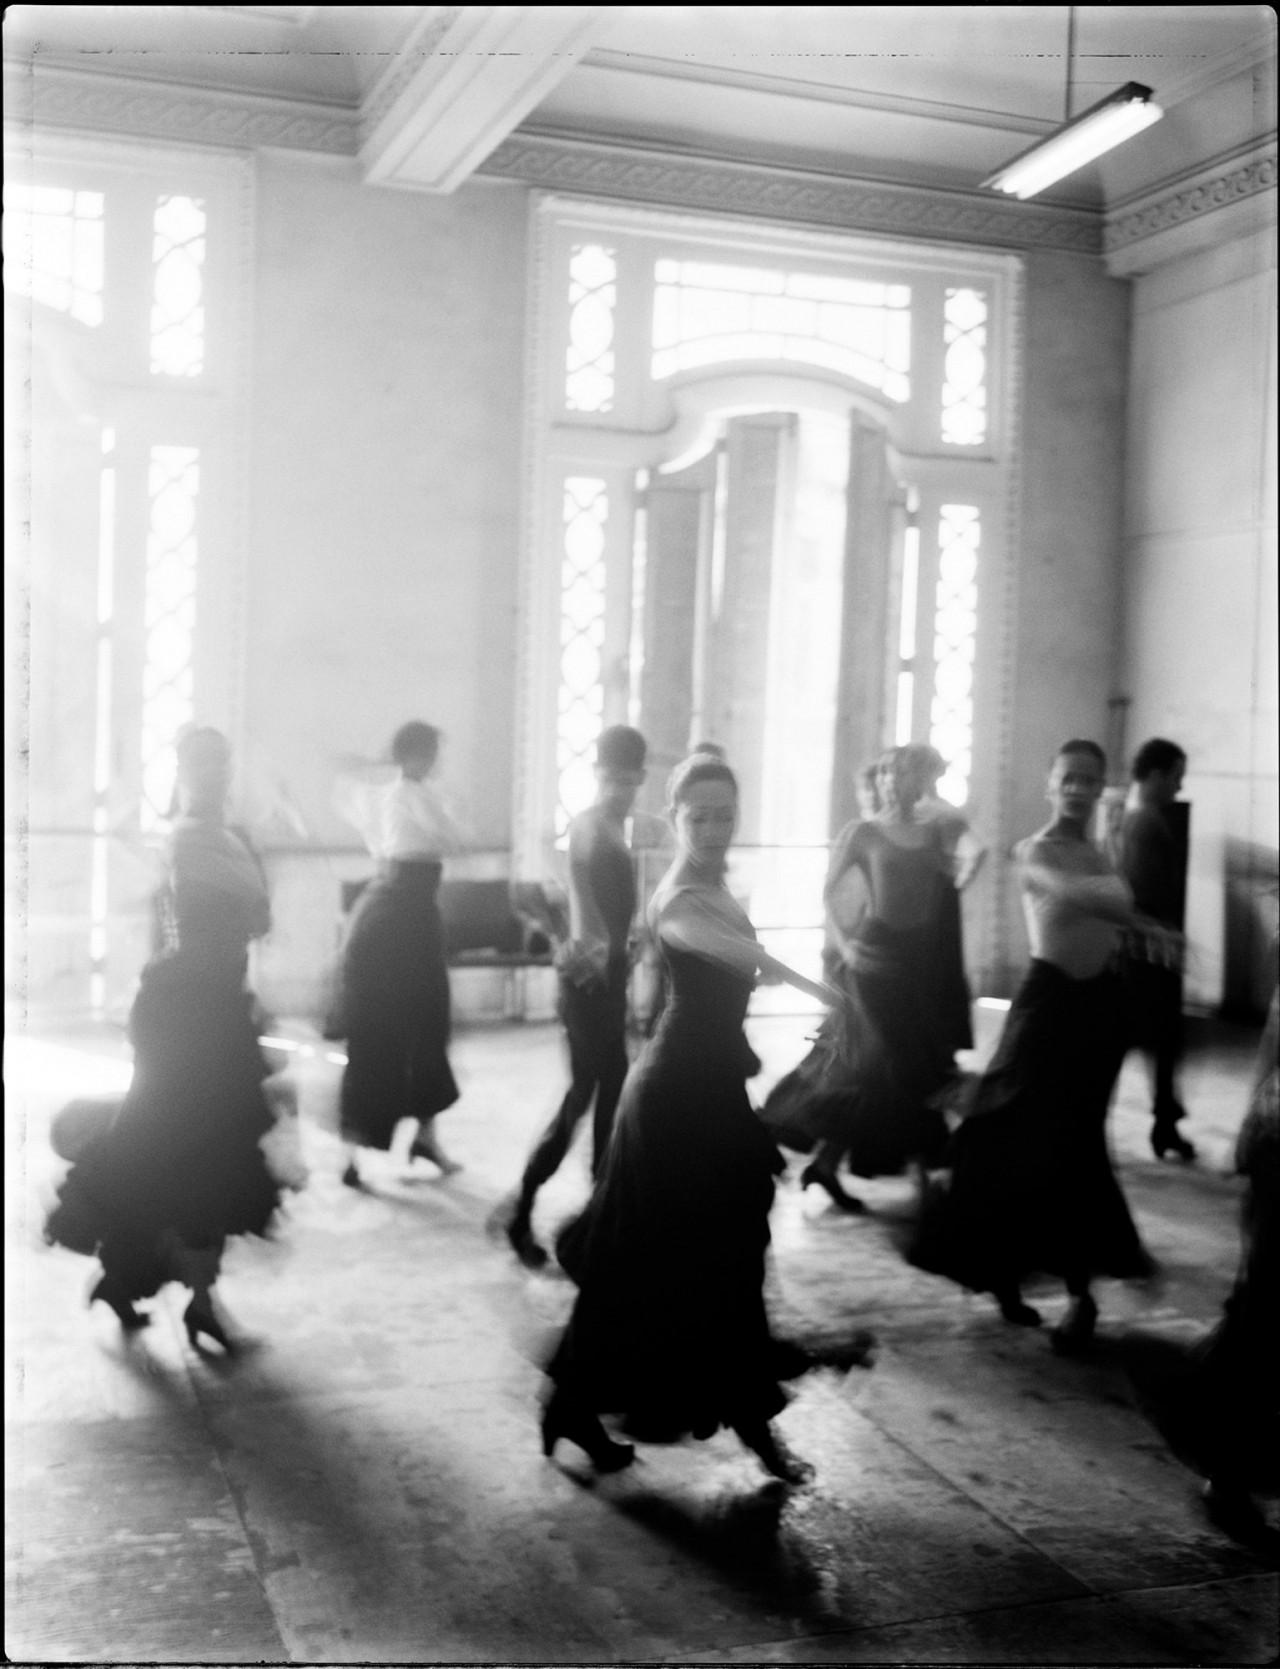 Танцевальная студия, Куба, 1998. Автор Патрик Демаршелье